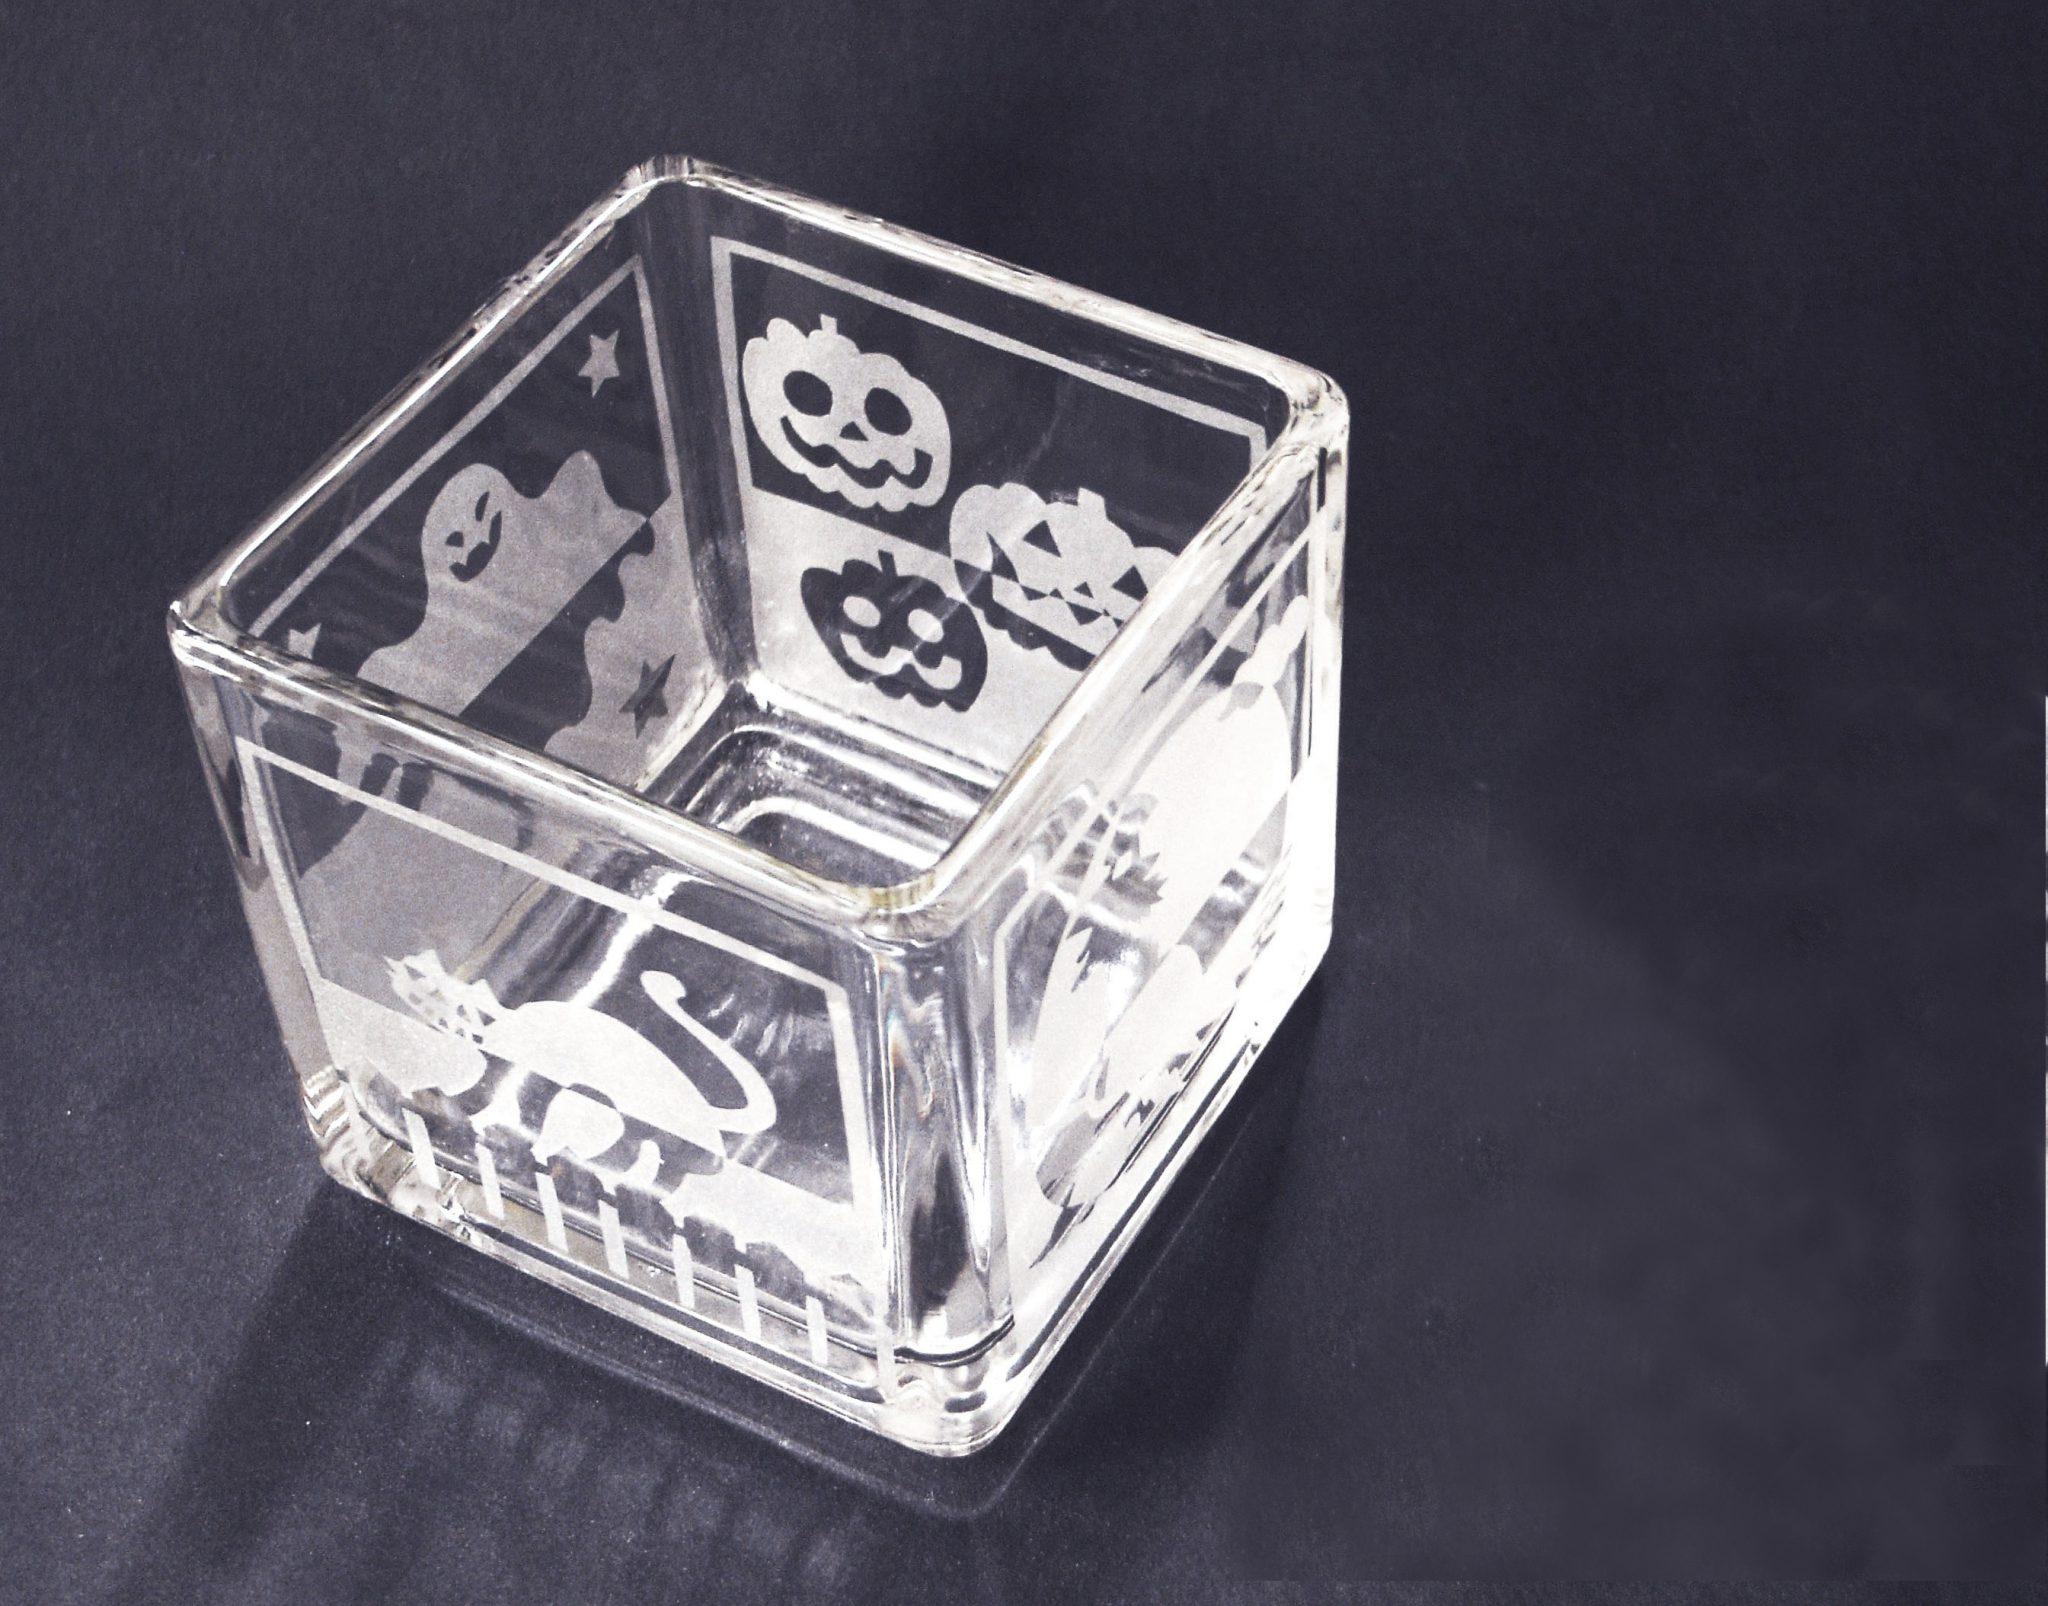 ガラスの工芸 サンドブラスト秋の期間限定「キャンドルホルダー(LEDキャンドルライト付き)」